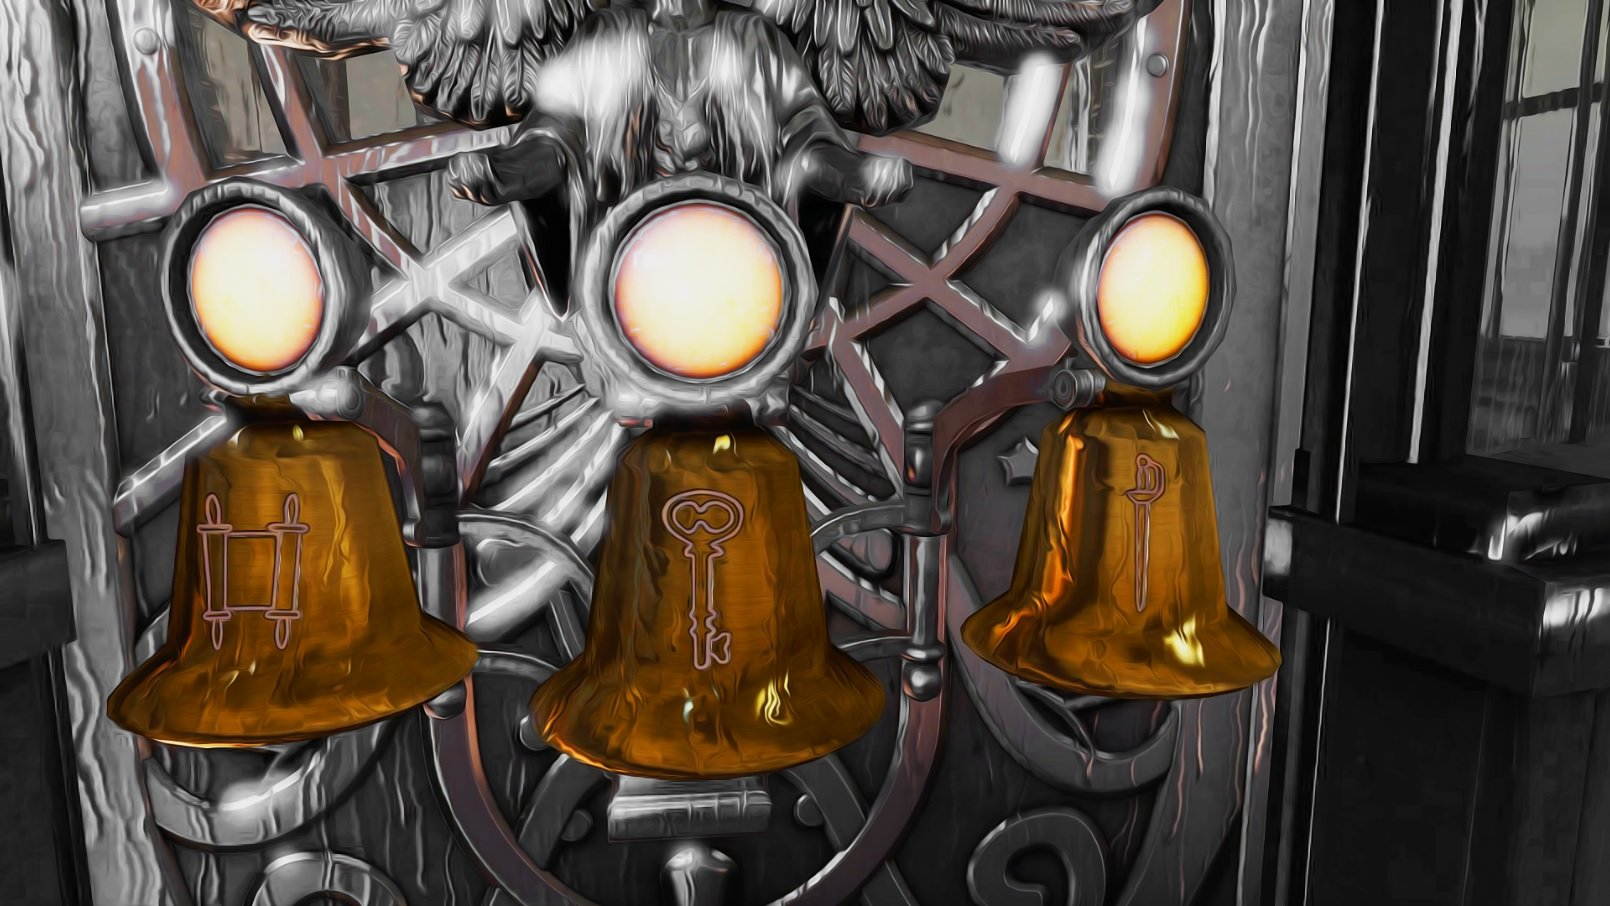 Обои по игре BioShock Infinit. - Изображение 1